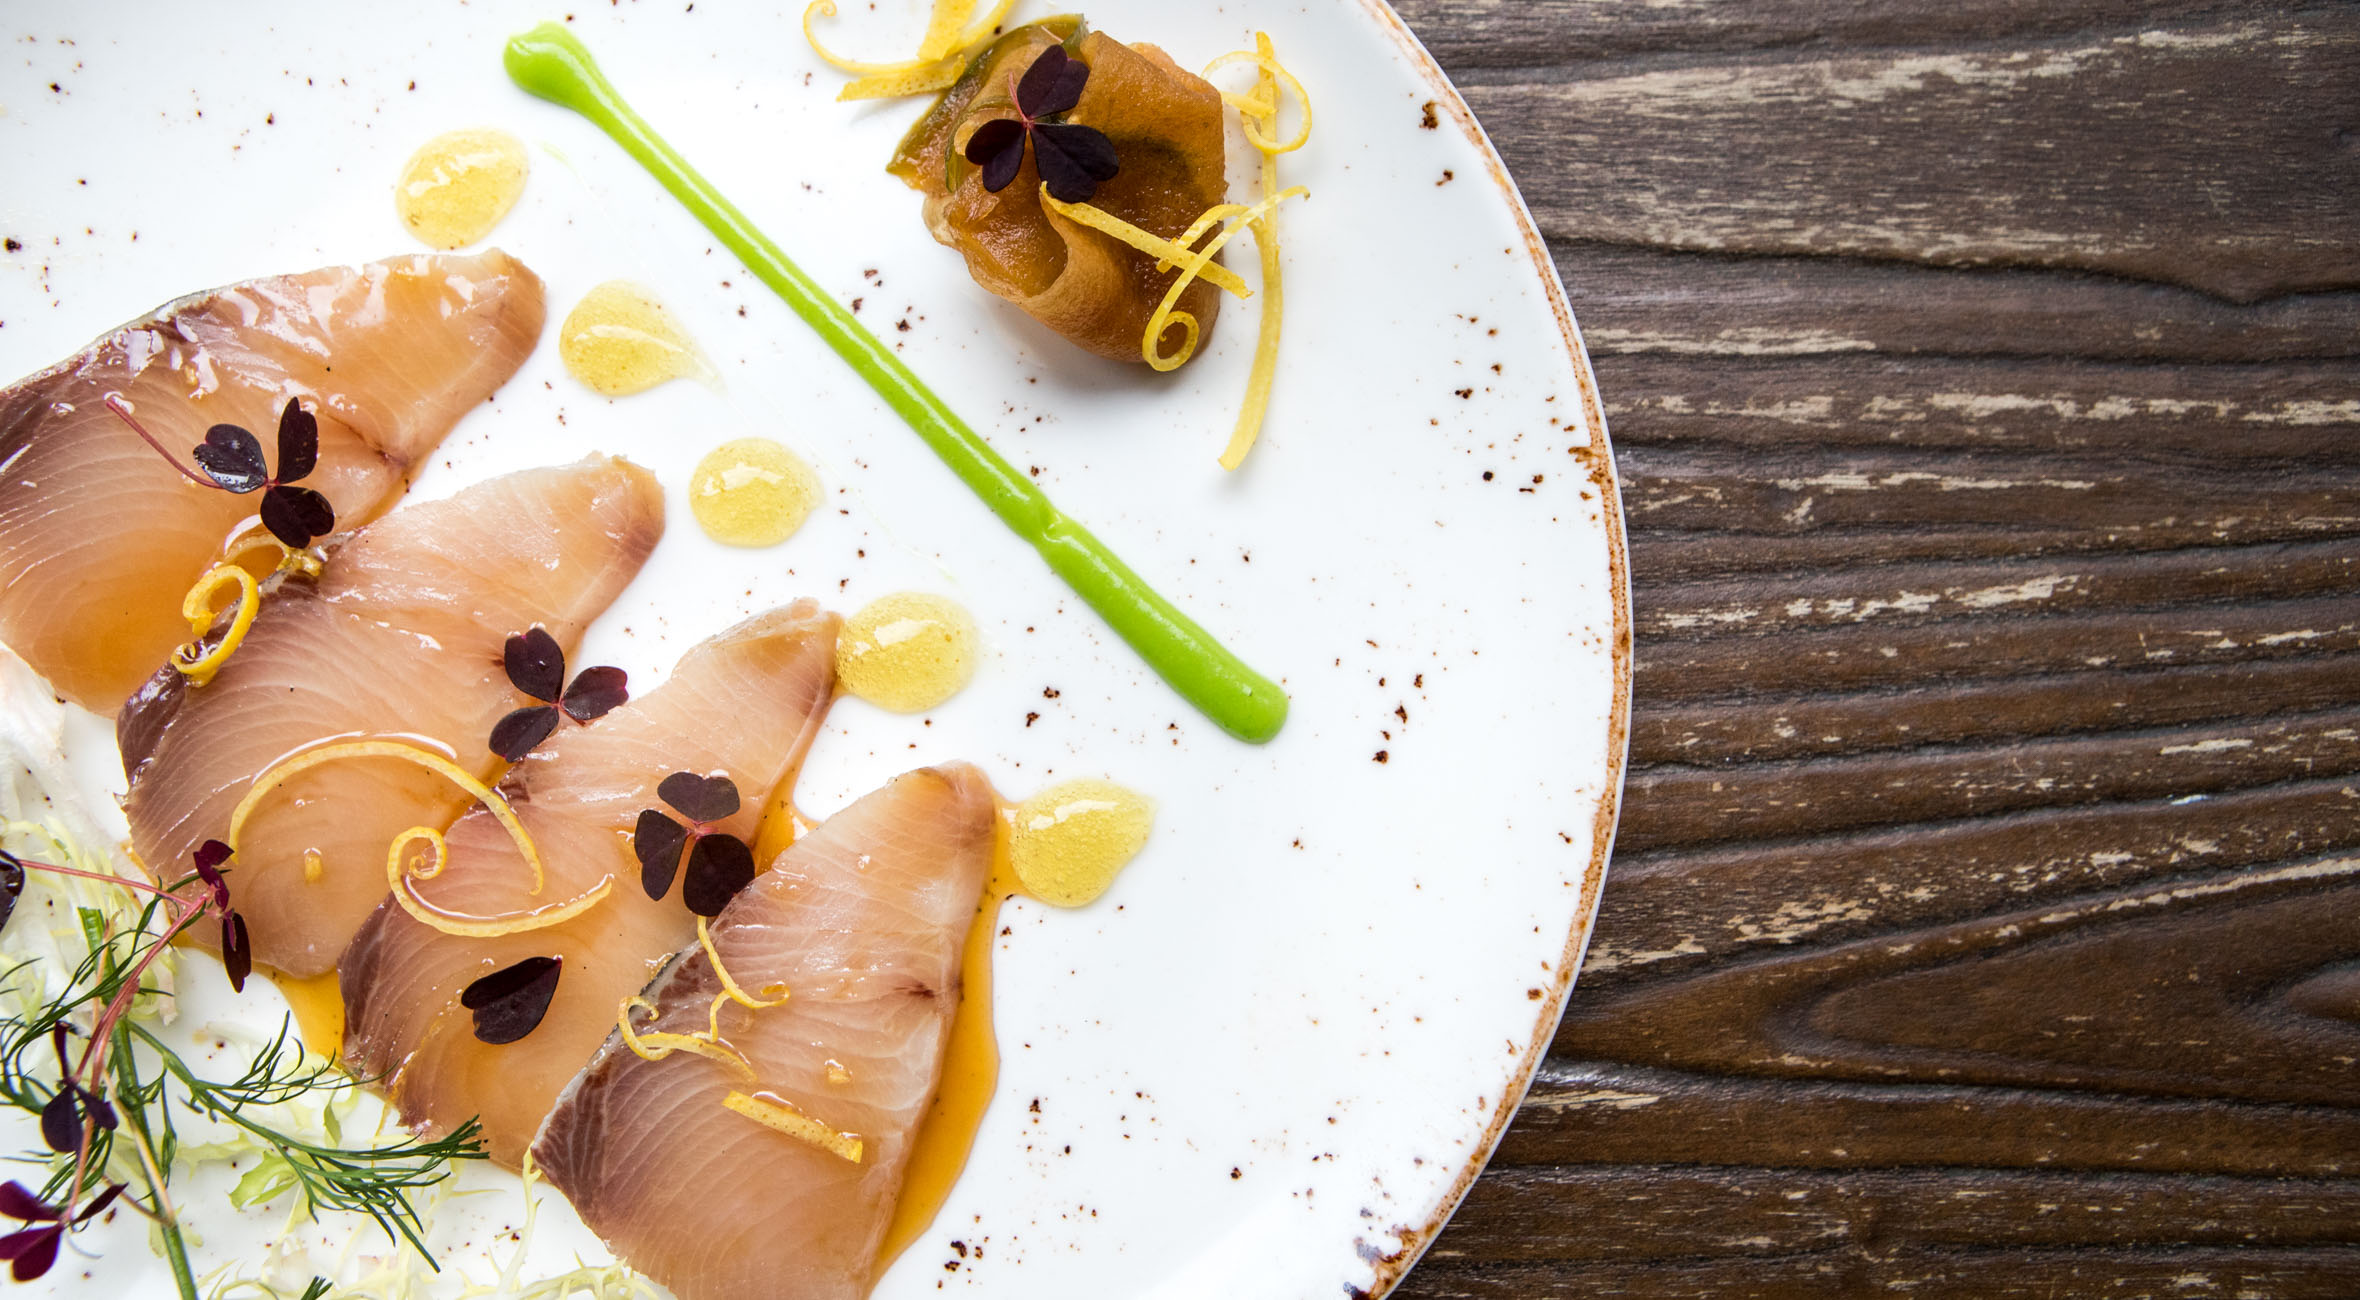 6-retters gourmet-middag hos Reef N' Beef – Australsk fine dining restaurant serverer vild gastronomi med regnskovskrydderier